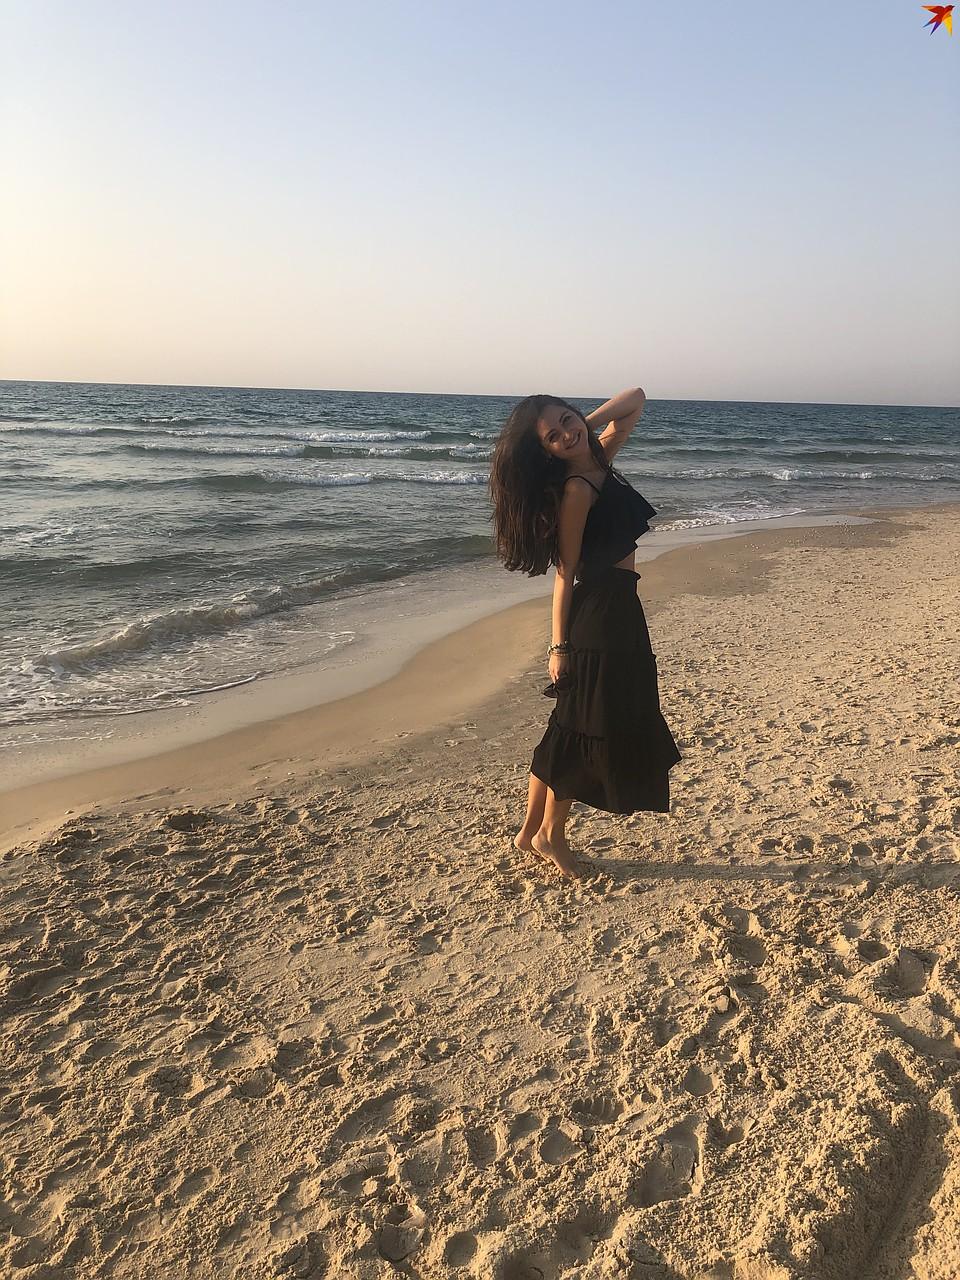 C 20 мая в Израиле открылись пляжи. Свой первый выходной на воздухе Галя провела именно там. Фото: личный архив.